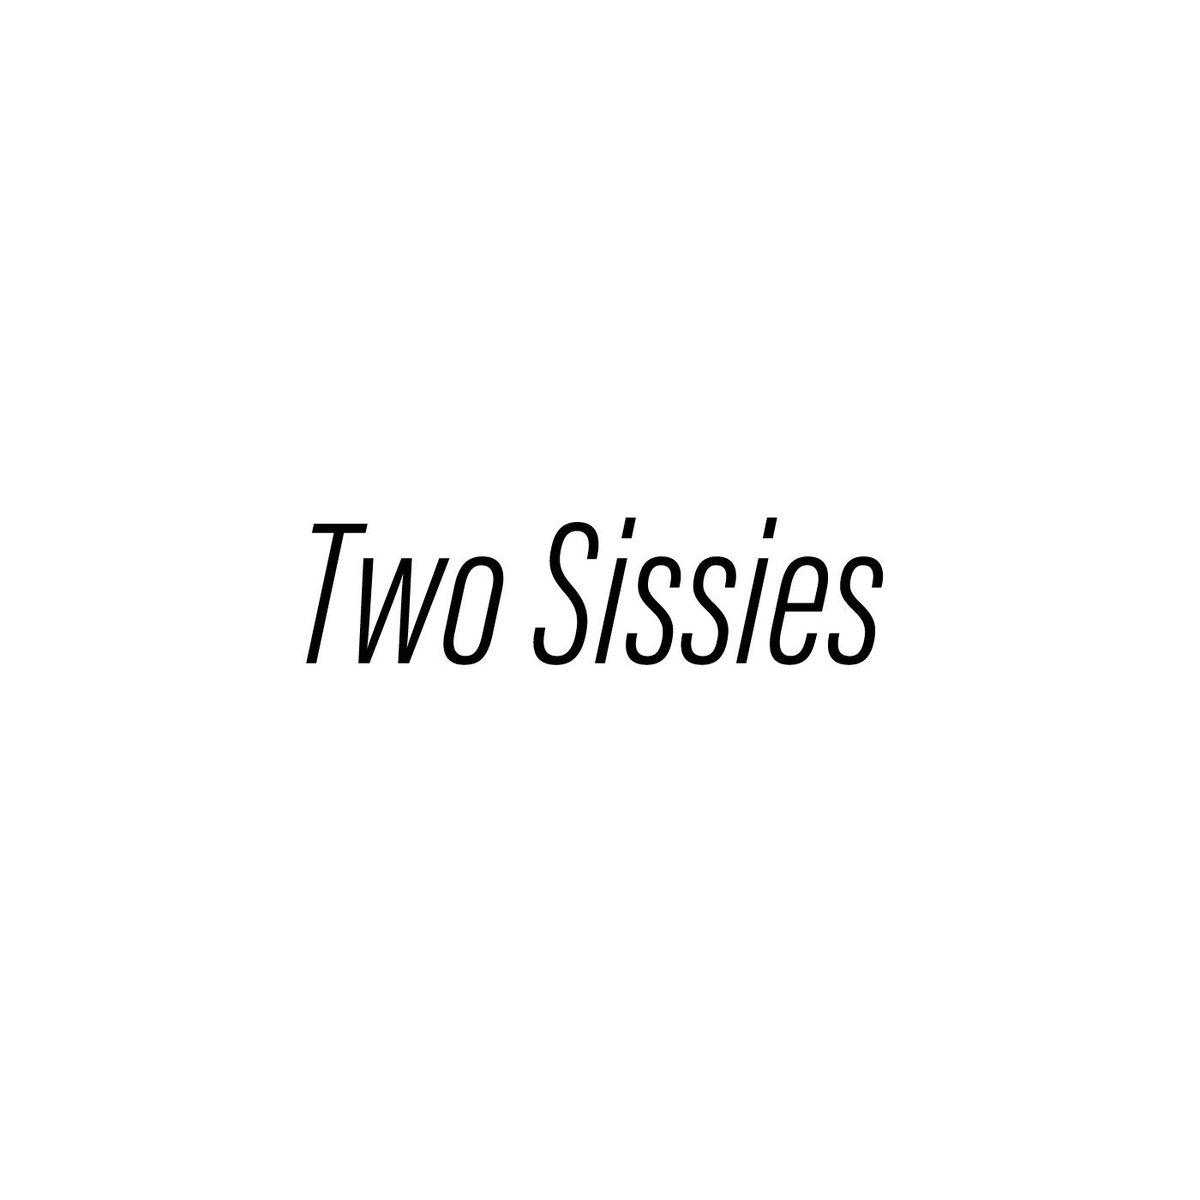 NEW releaseTwo Sissies乃木坂46早川聖来さんの個人PV「あかんたれ Two sissies」の為に書き下ろした楽曲をBandcampでリリースしました。ビート素材提供 @suibuness 大感謝 @heiko_desu